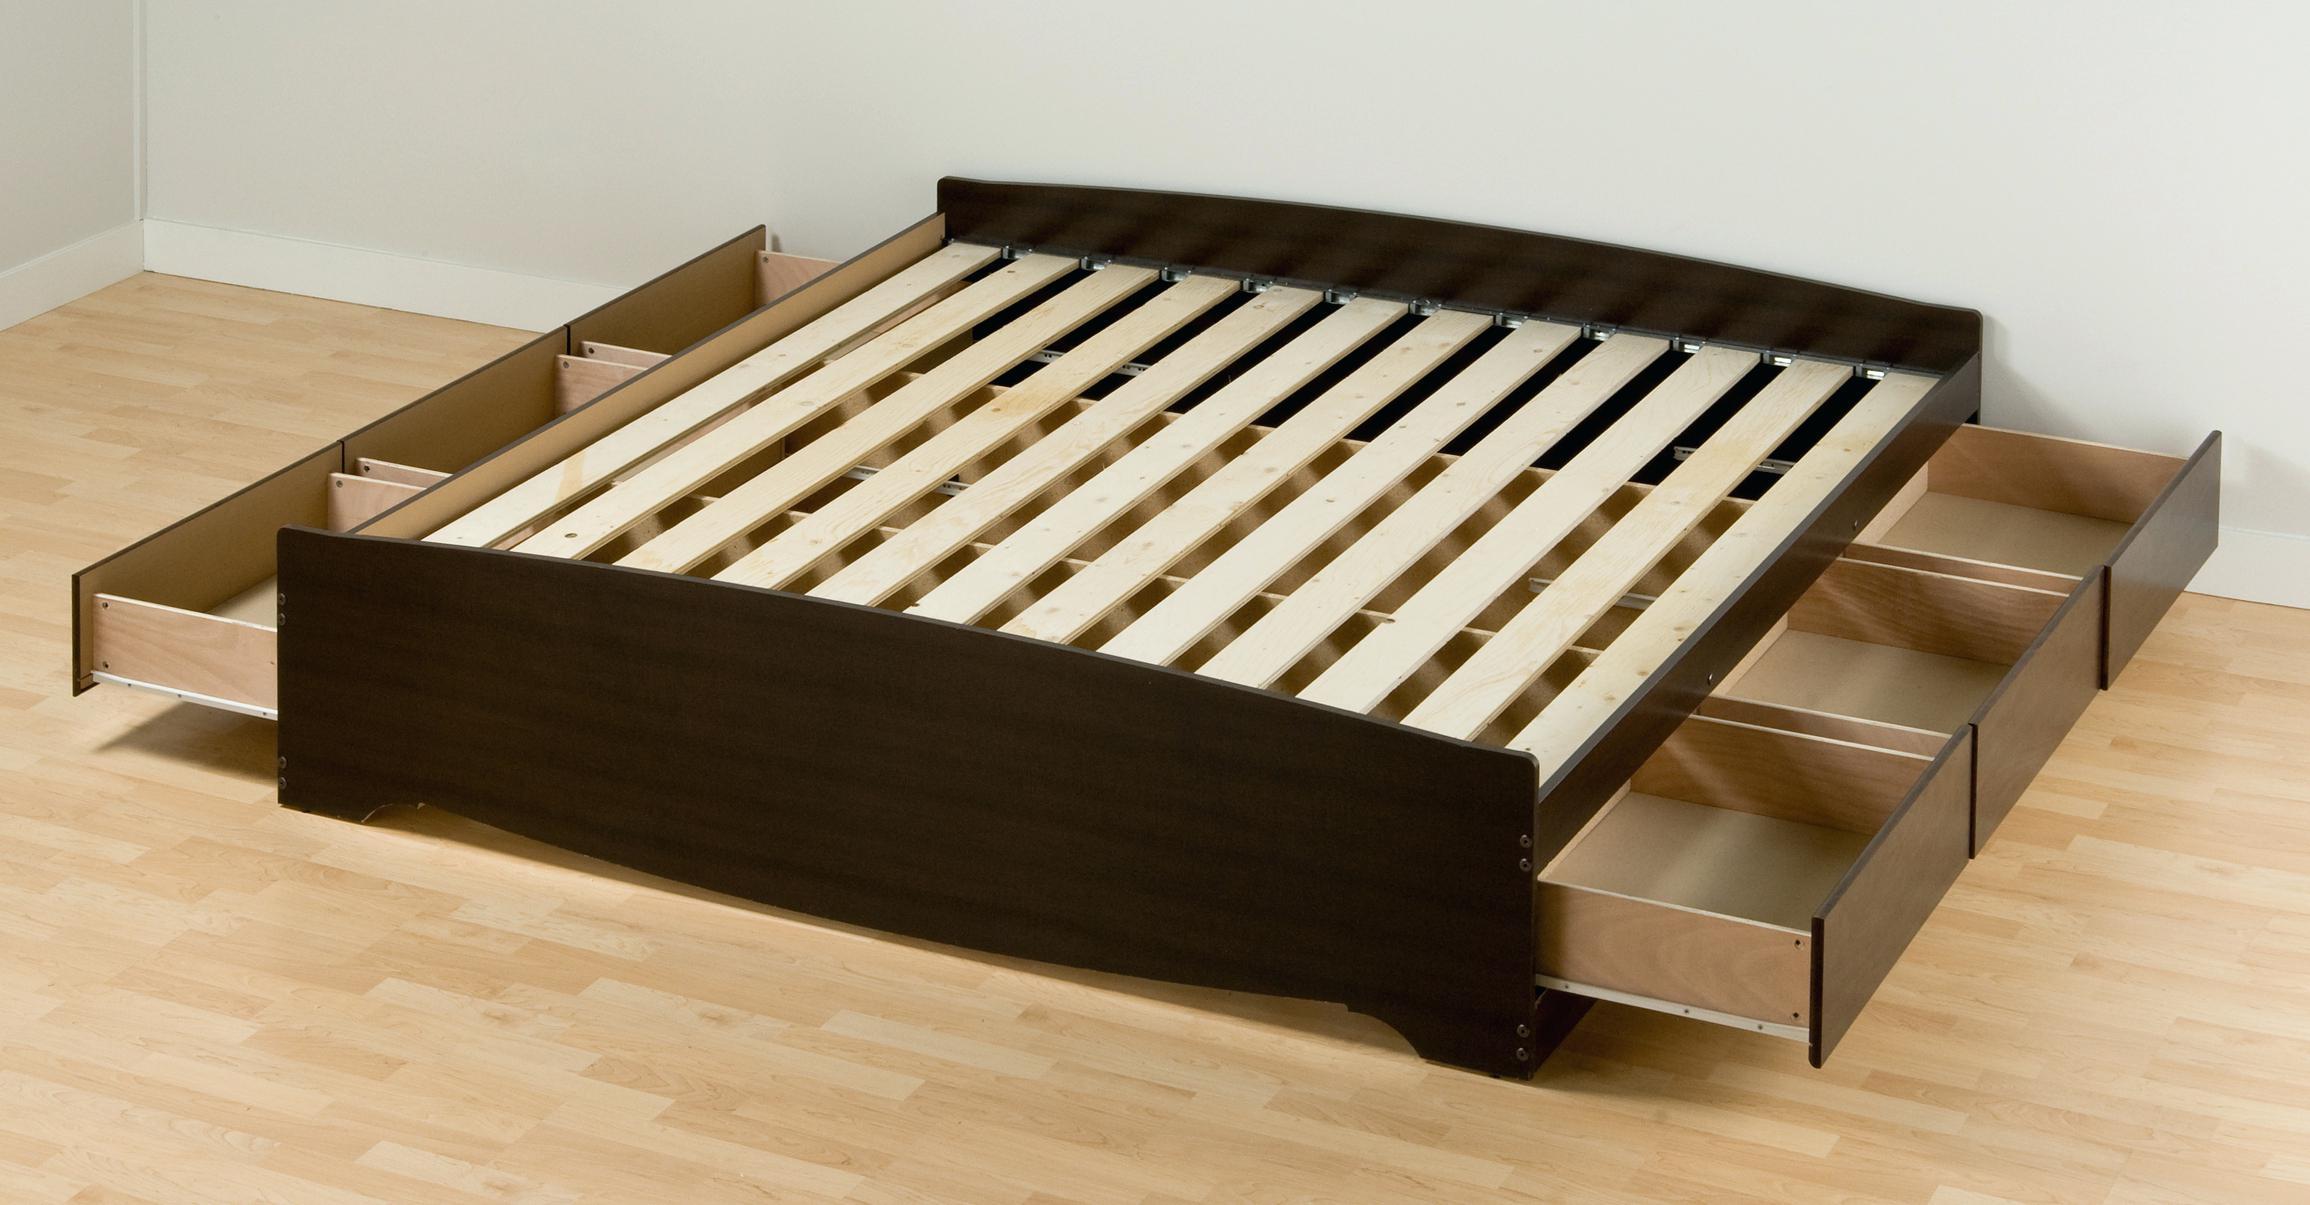 Широкие фанерные запчасти для кровати